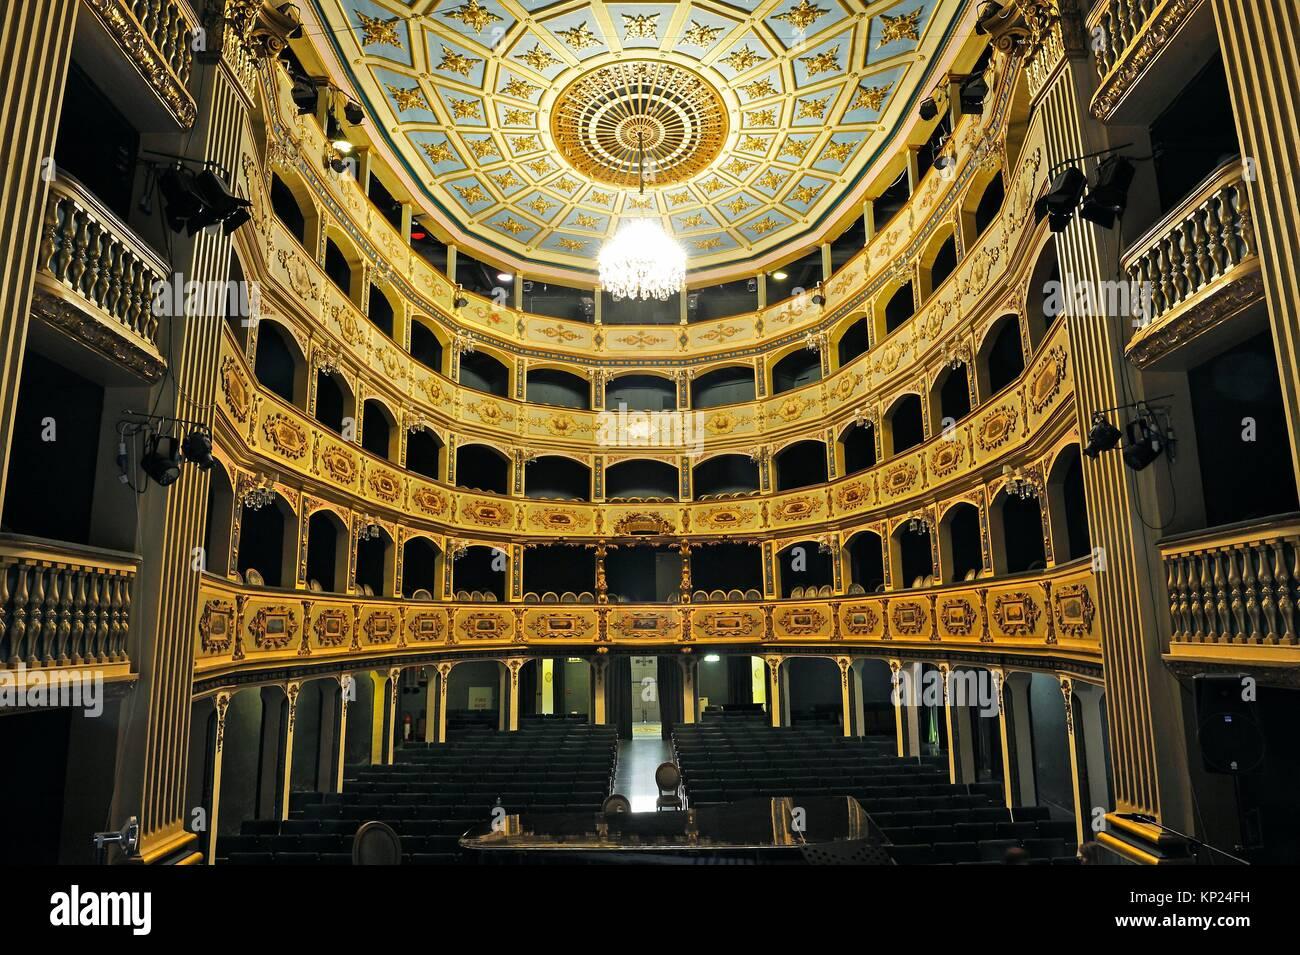 Manoel Theatre, 115 Old Theatre Street, Valletta, Malta, Southern Europe. - Stock Image